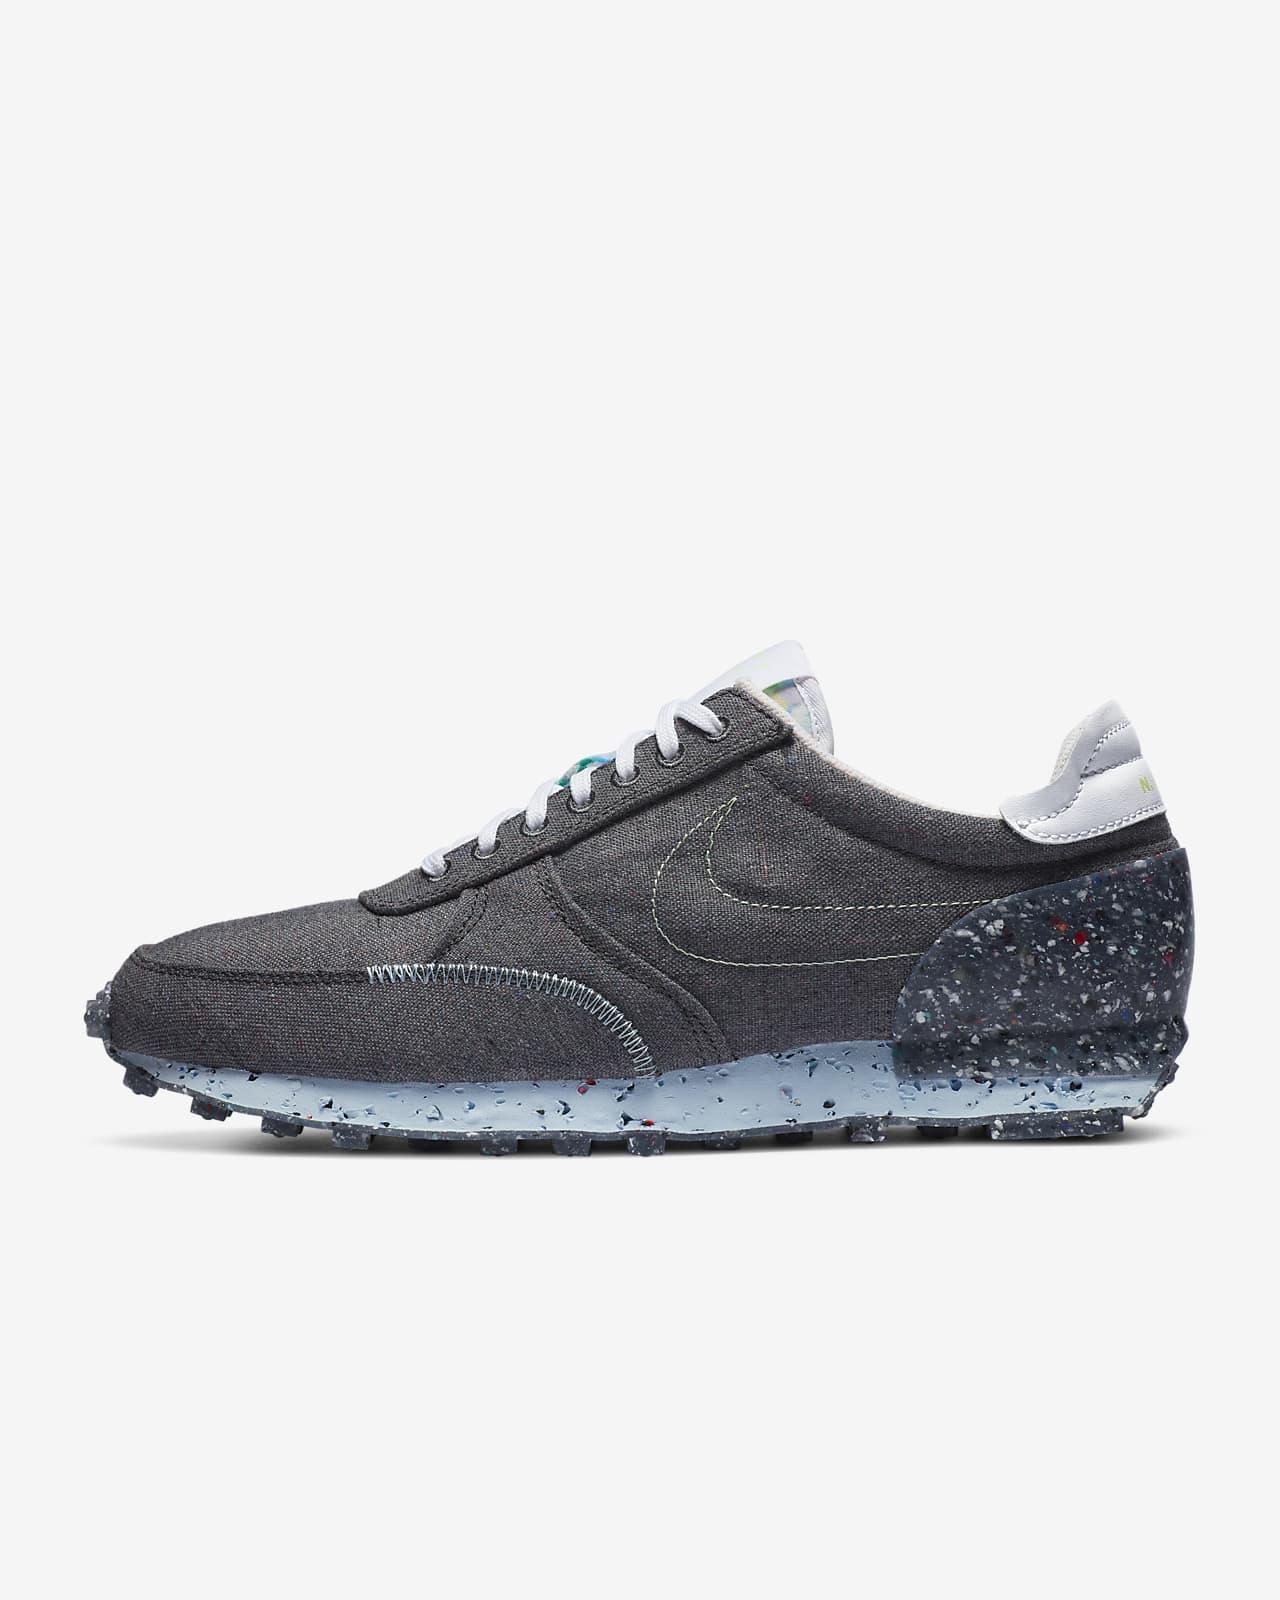 Nike DBreak-Type 男鞋